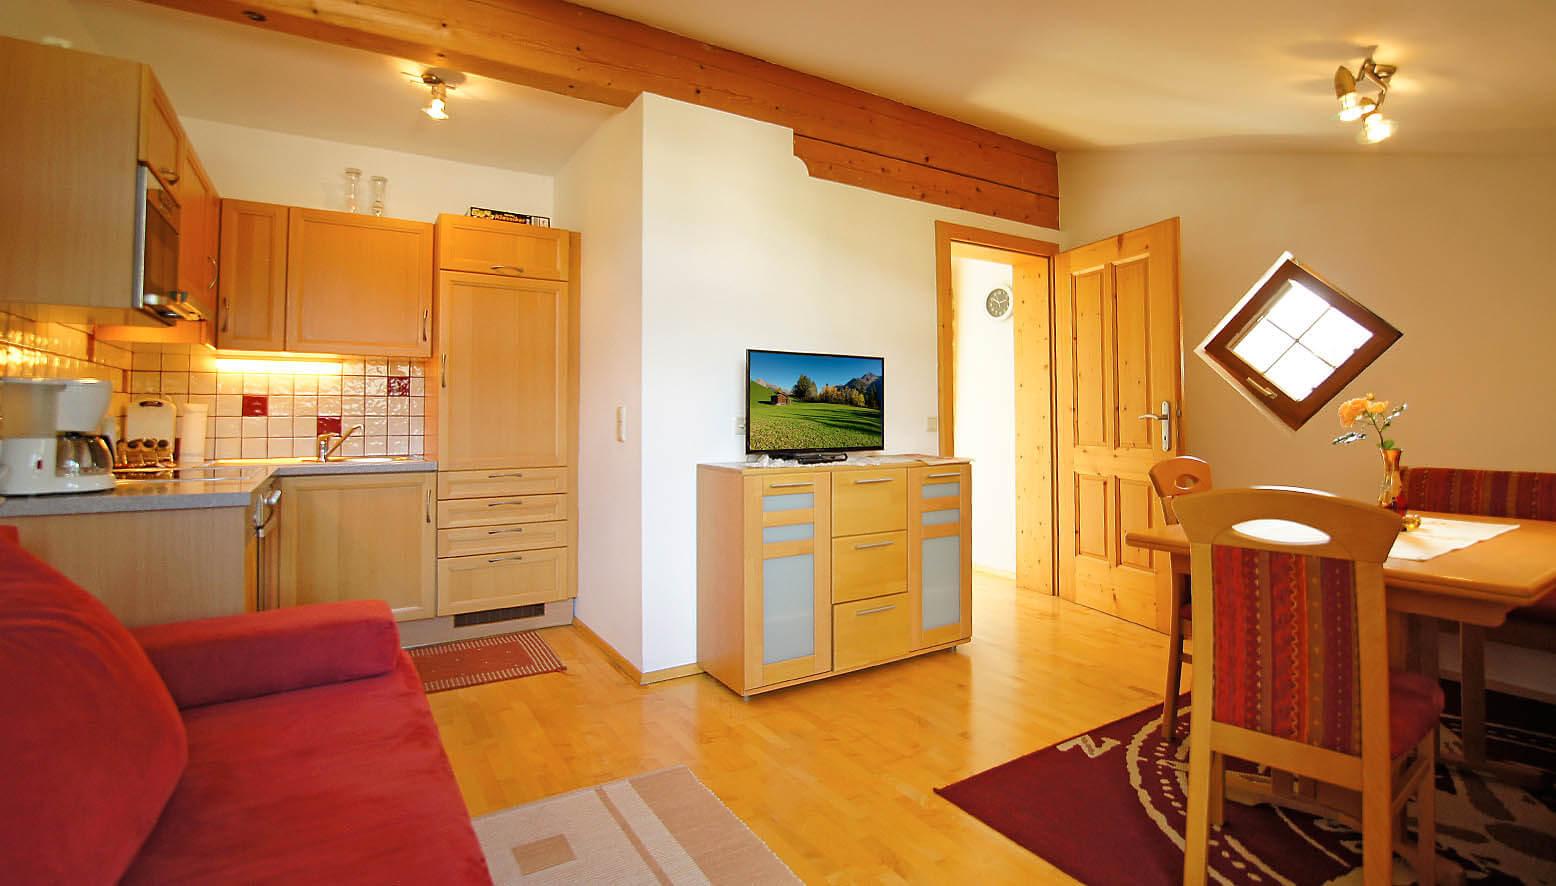 Ferienwohnung in Altenmarkt / Zauchensee - Haus Radlmacher